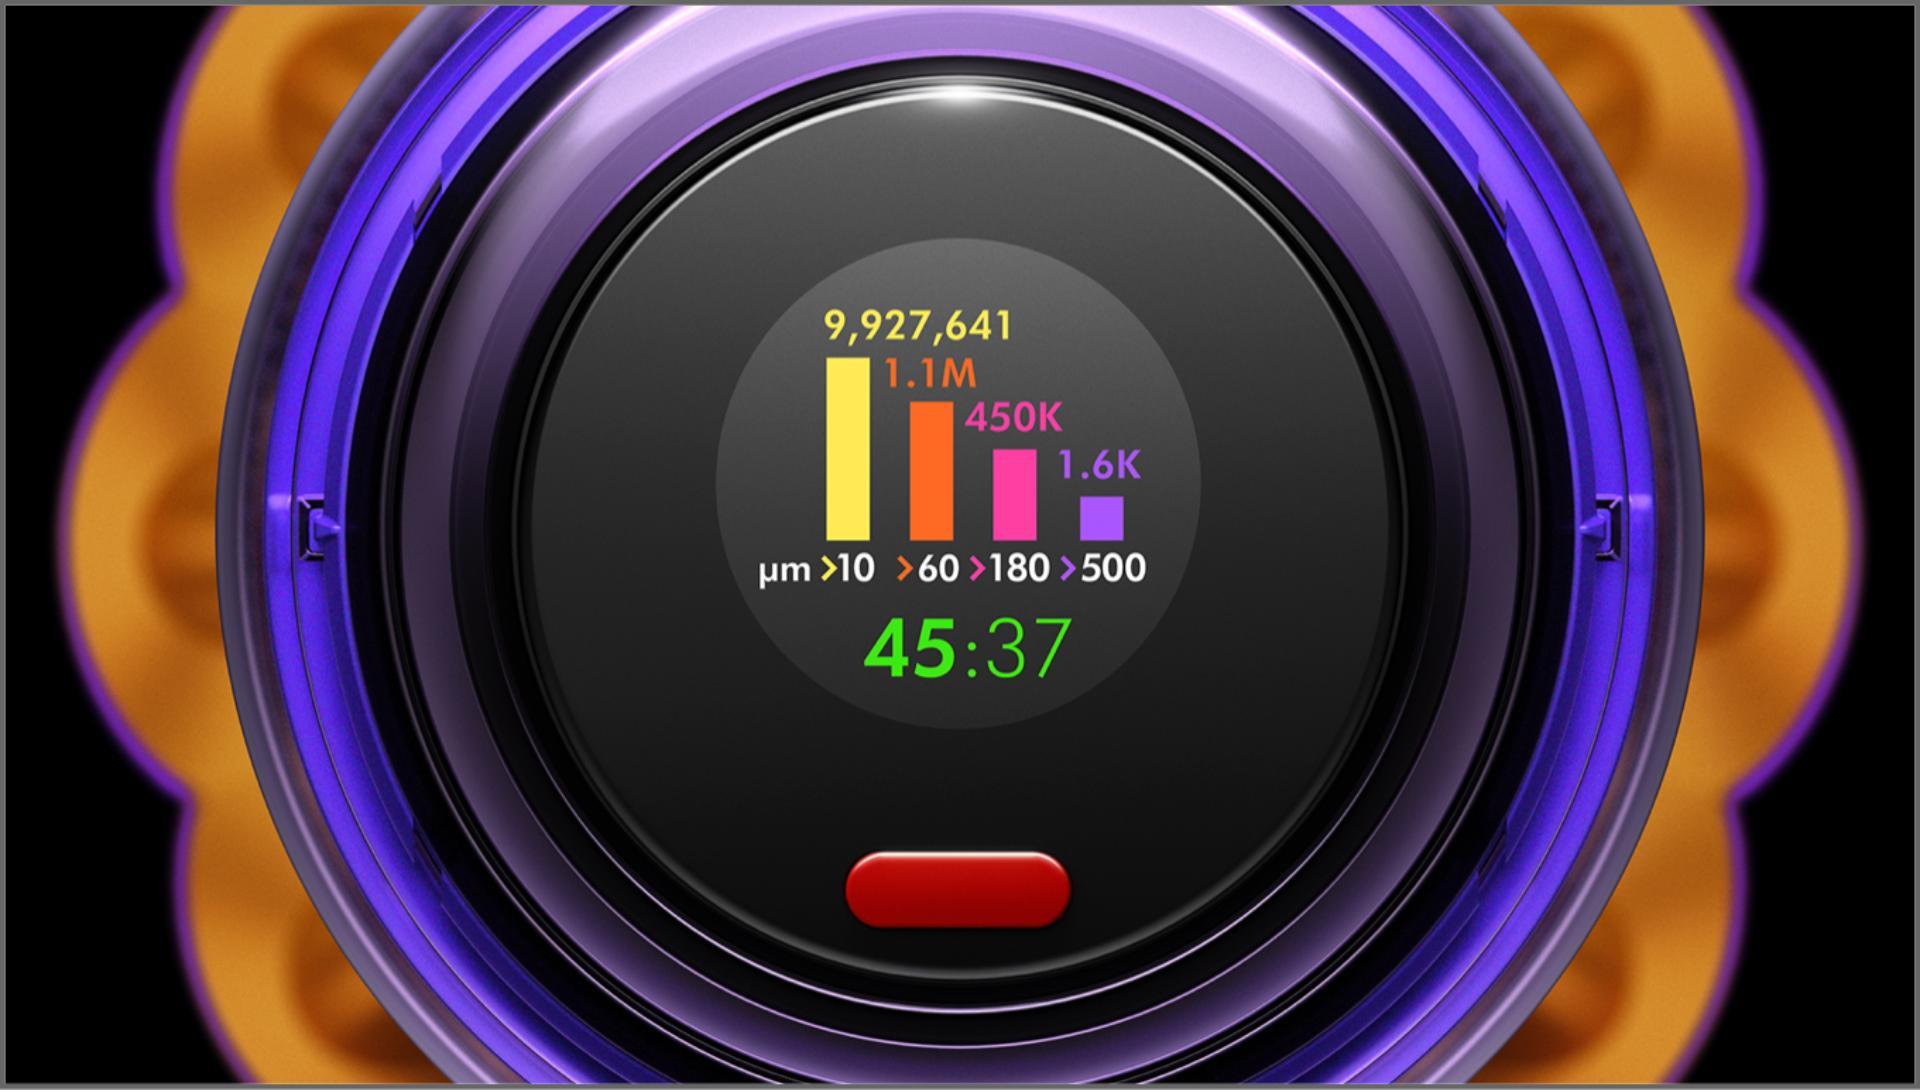 다양한 크기의 먼지 입자 양을 보여주는 LCD 스크린